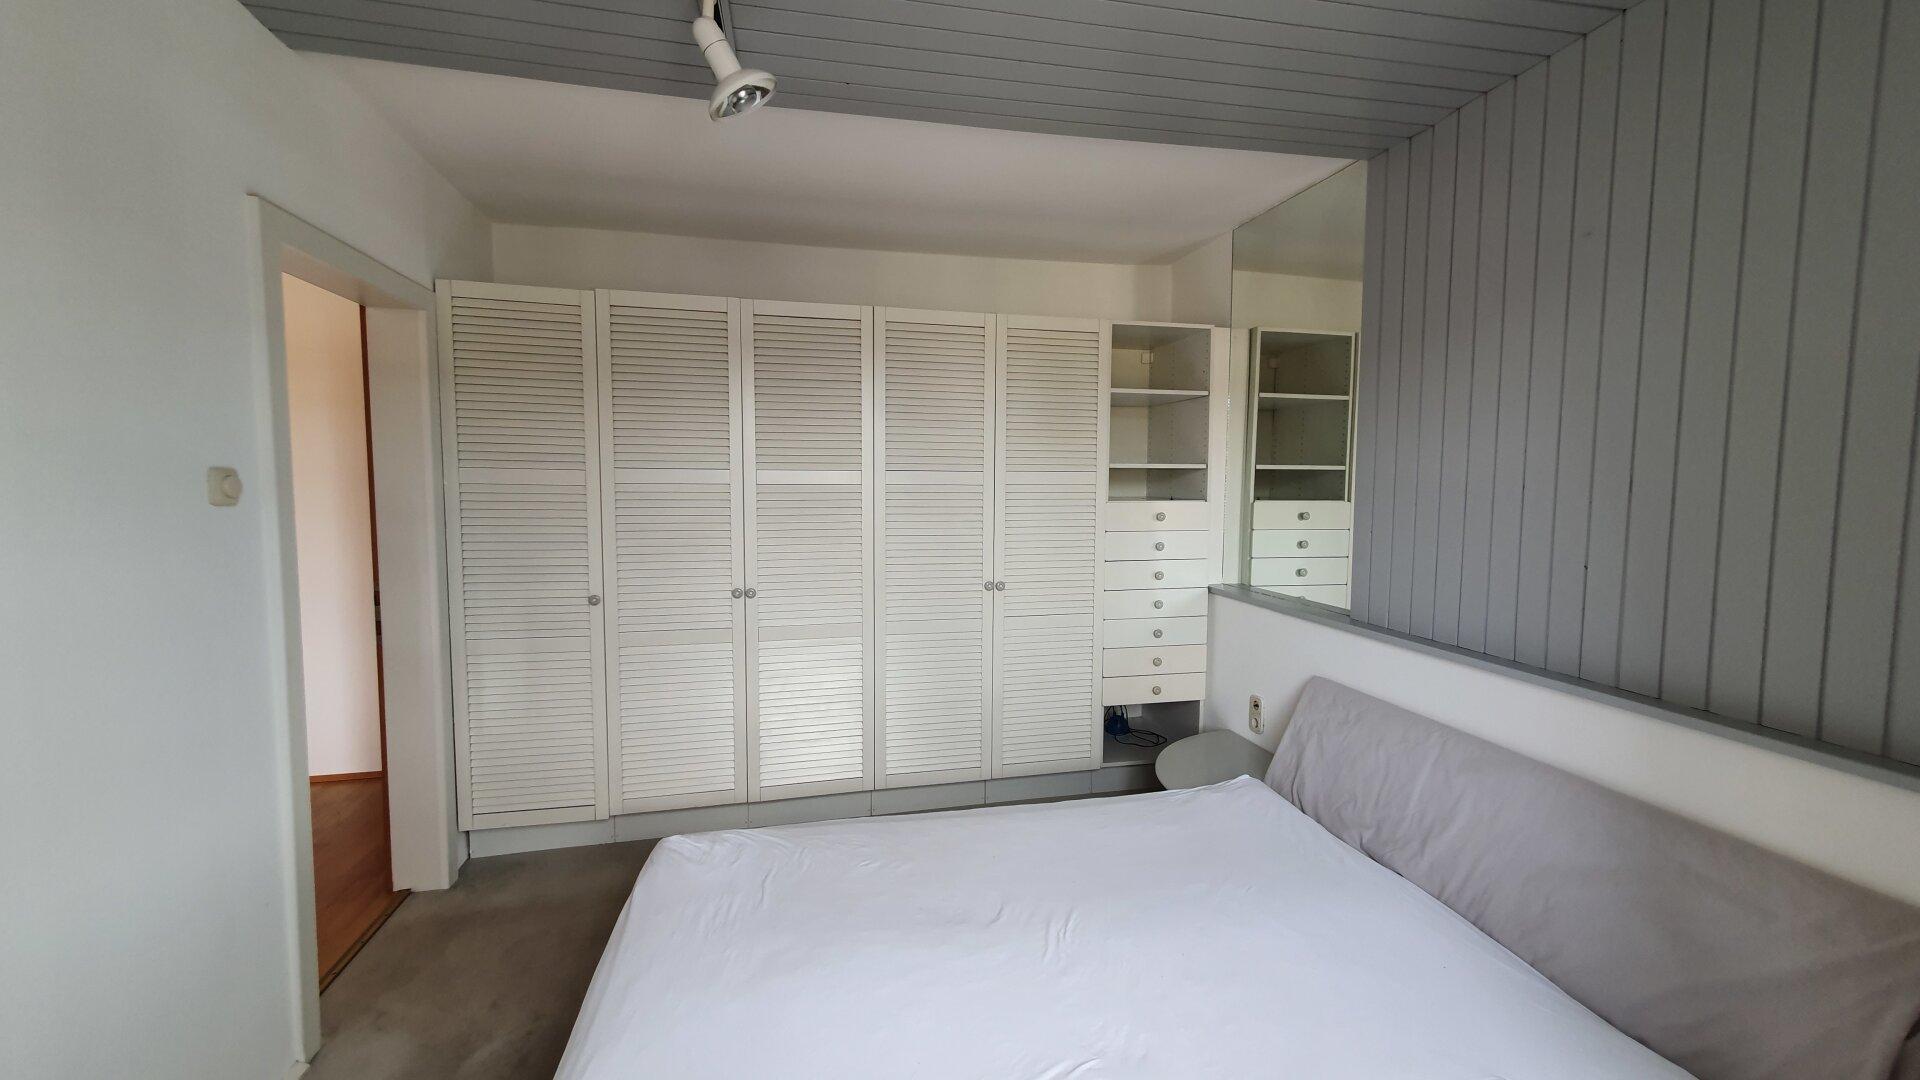 Mietwohnung Kufstein, Schlafzimmer